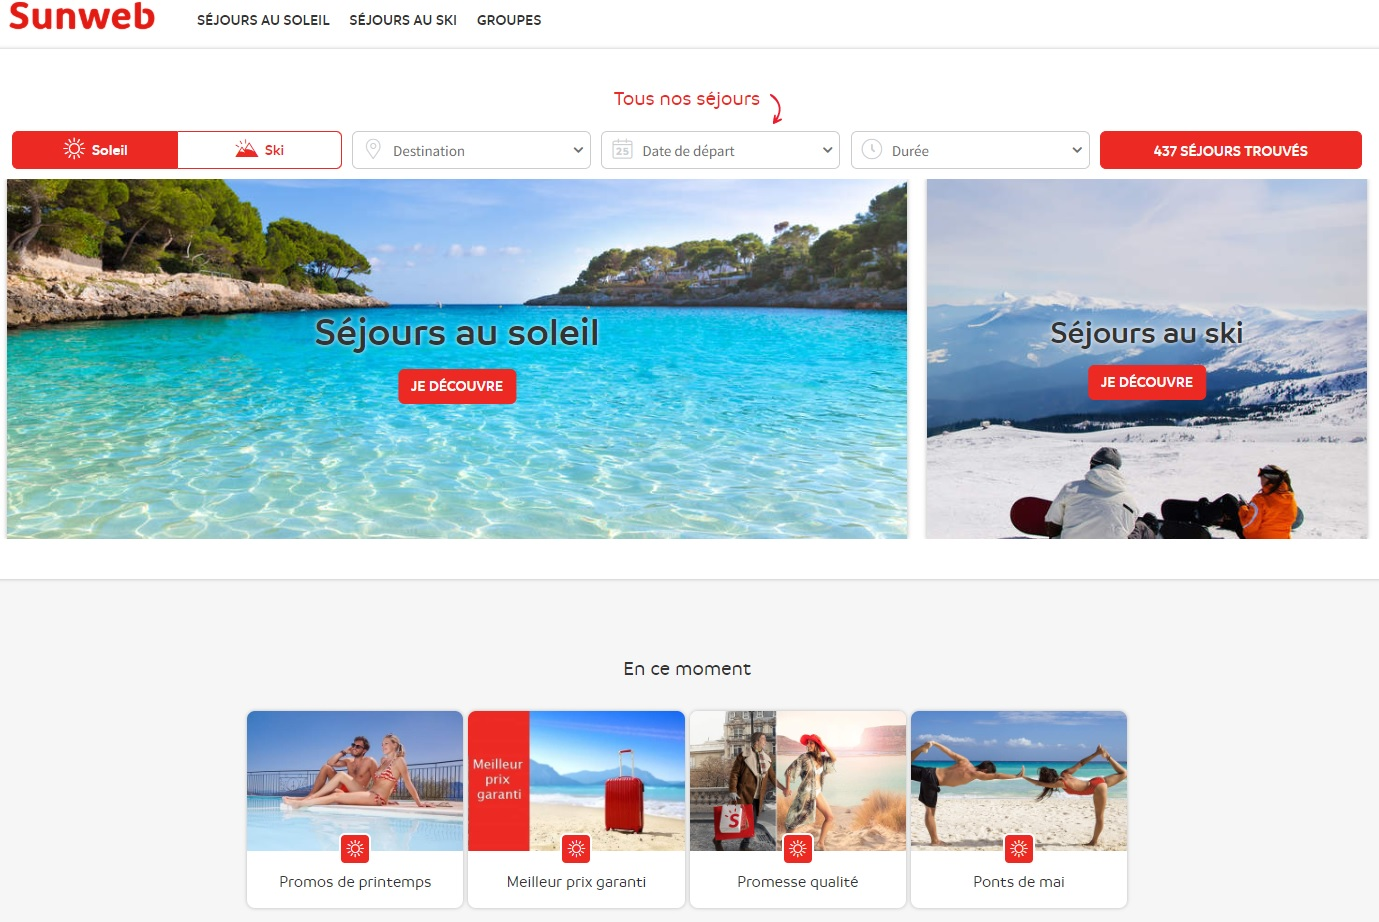 Le site Sunweb fait partir 100 000 voyageurs français par an - DR